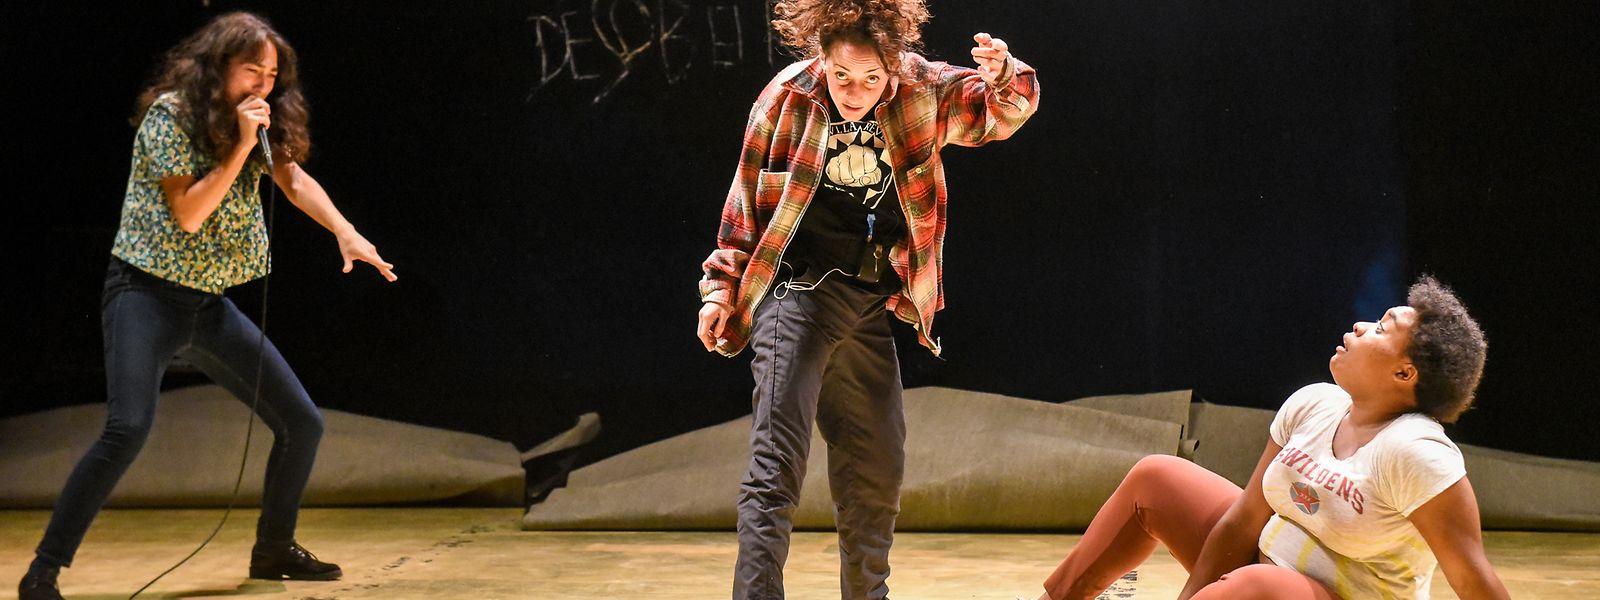 """Das Theaterstück """"Désobéir"""" zeichnet das Leben mehrerer Frauen in der Pariser Banlieue nach."""